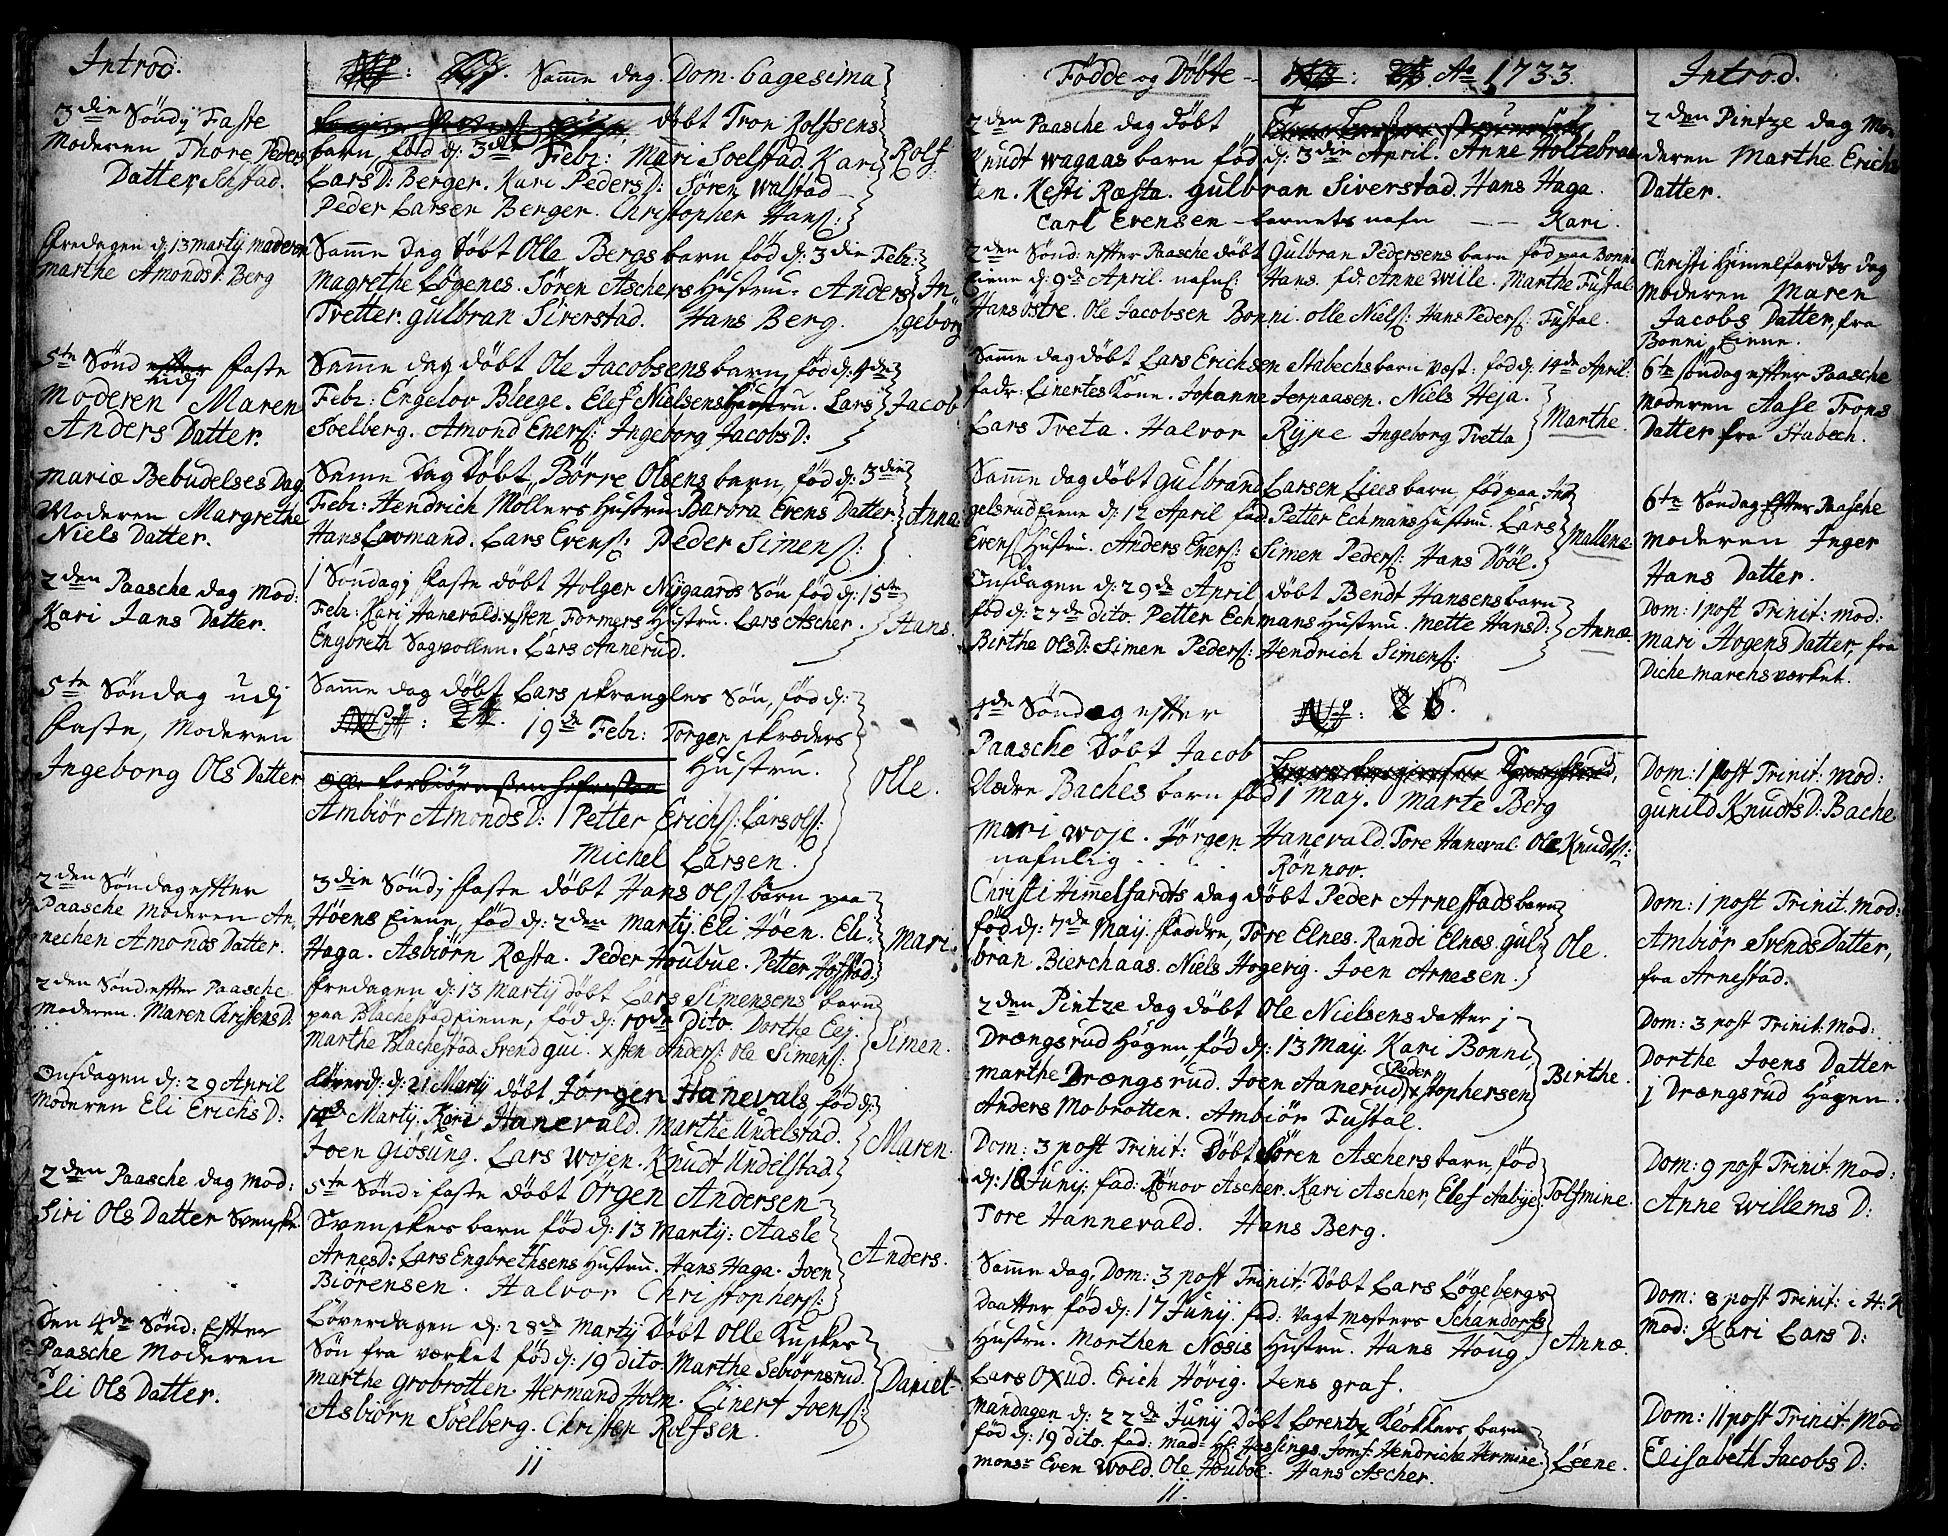 SAO, Asker prestekontor Kirkebøker, F/Fa/L0001: Ministerialbok nr. I 1, 1726-1744, s. 9